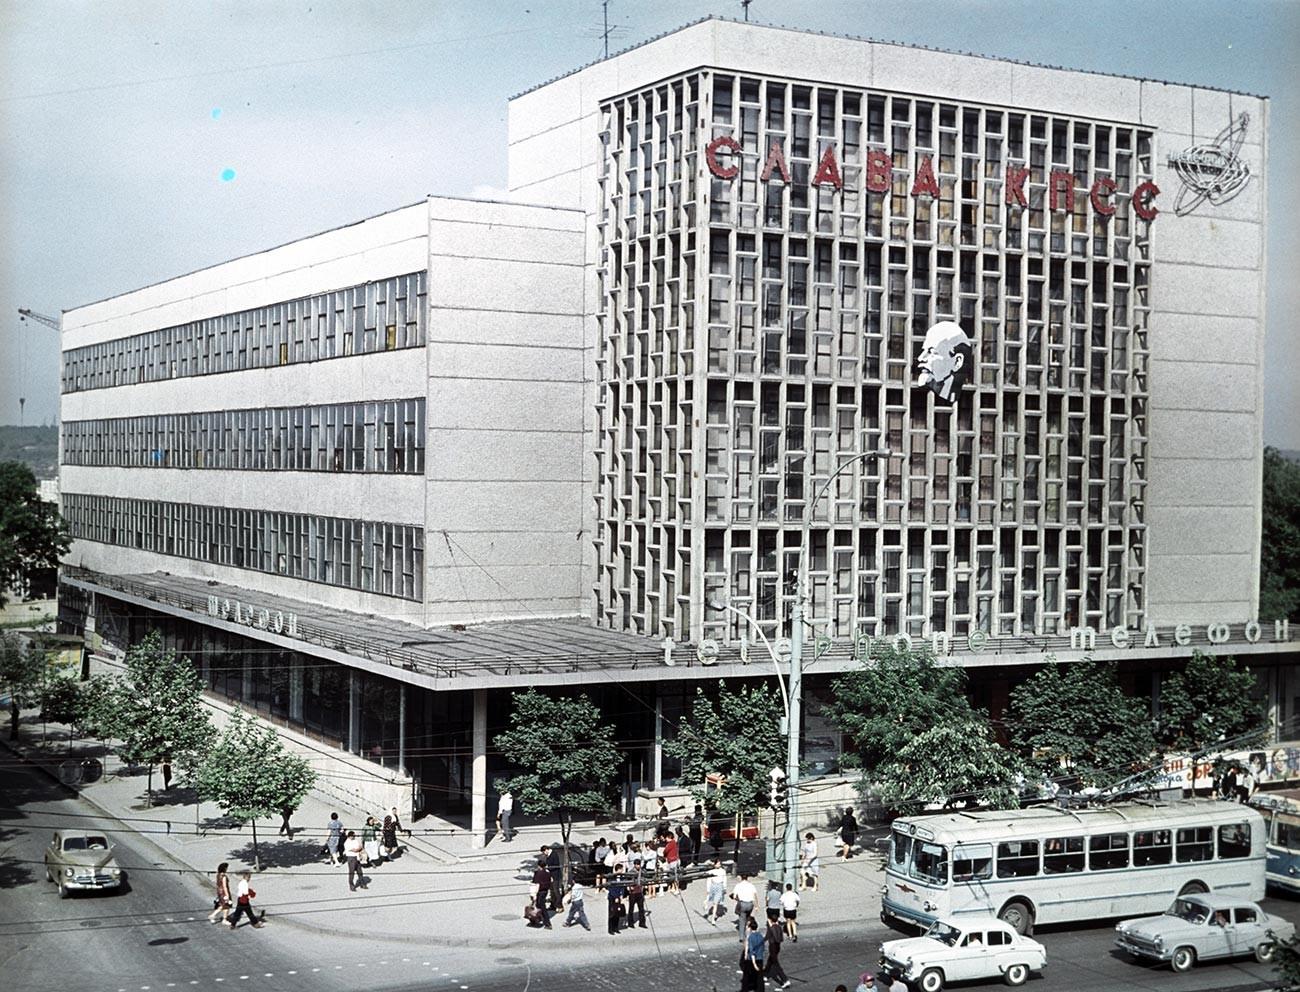 Zentrales Telegraphengebäude in Chișinău, 1972